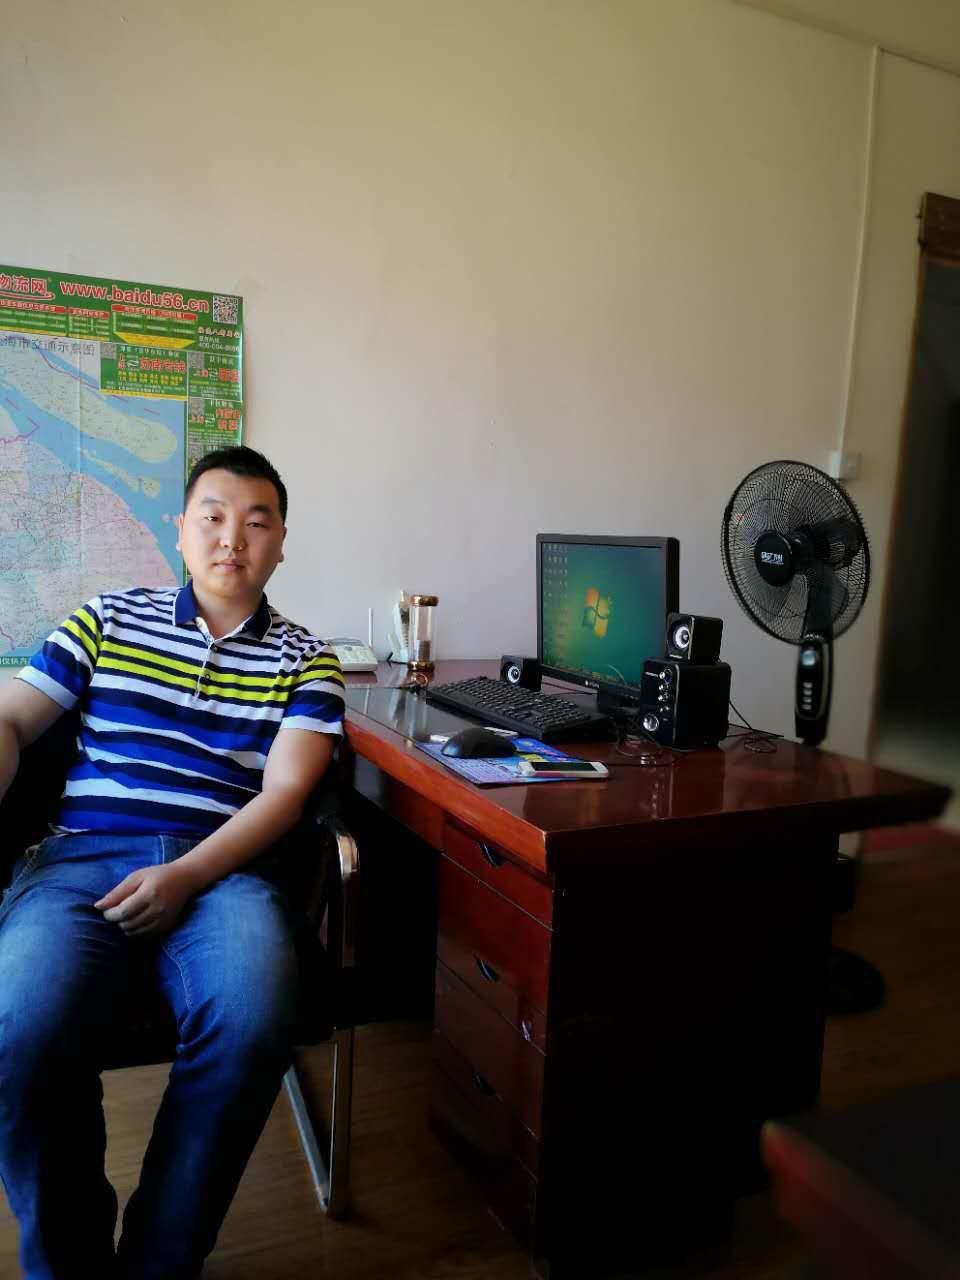 上海到泰州物流专线(上海灵炙物流有限公司)